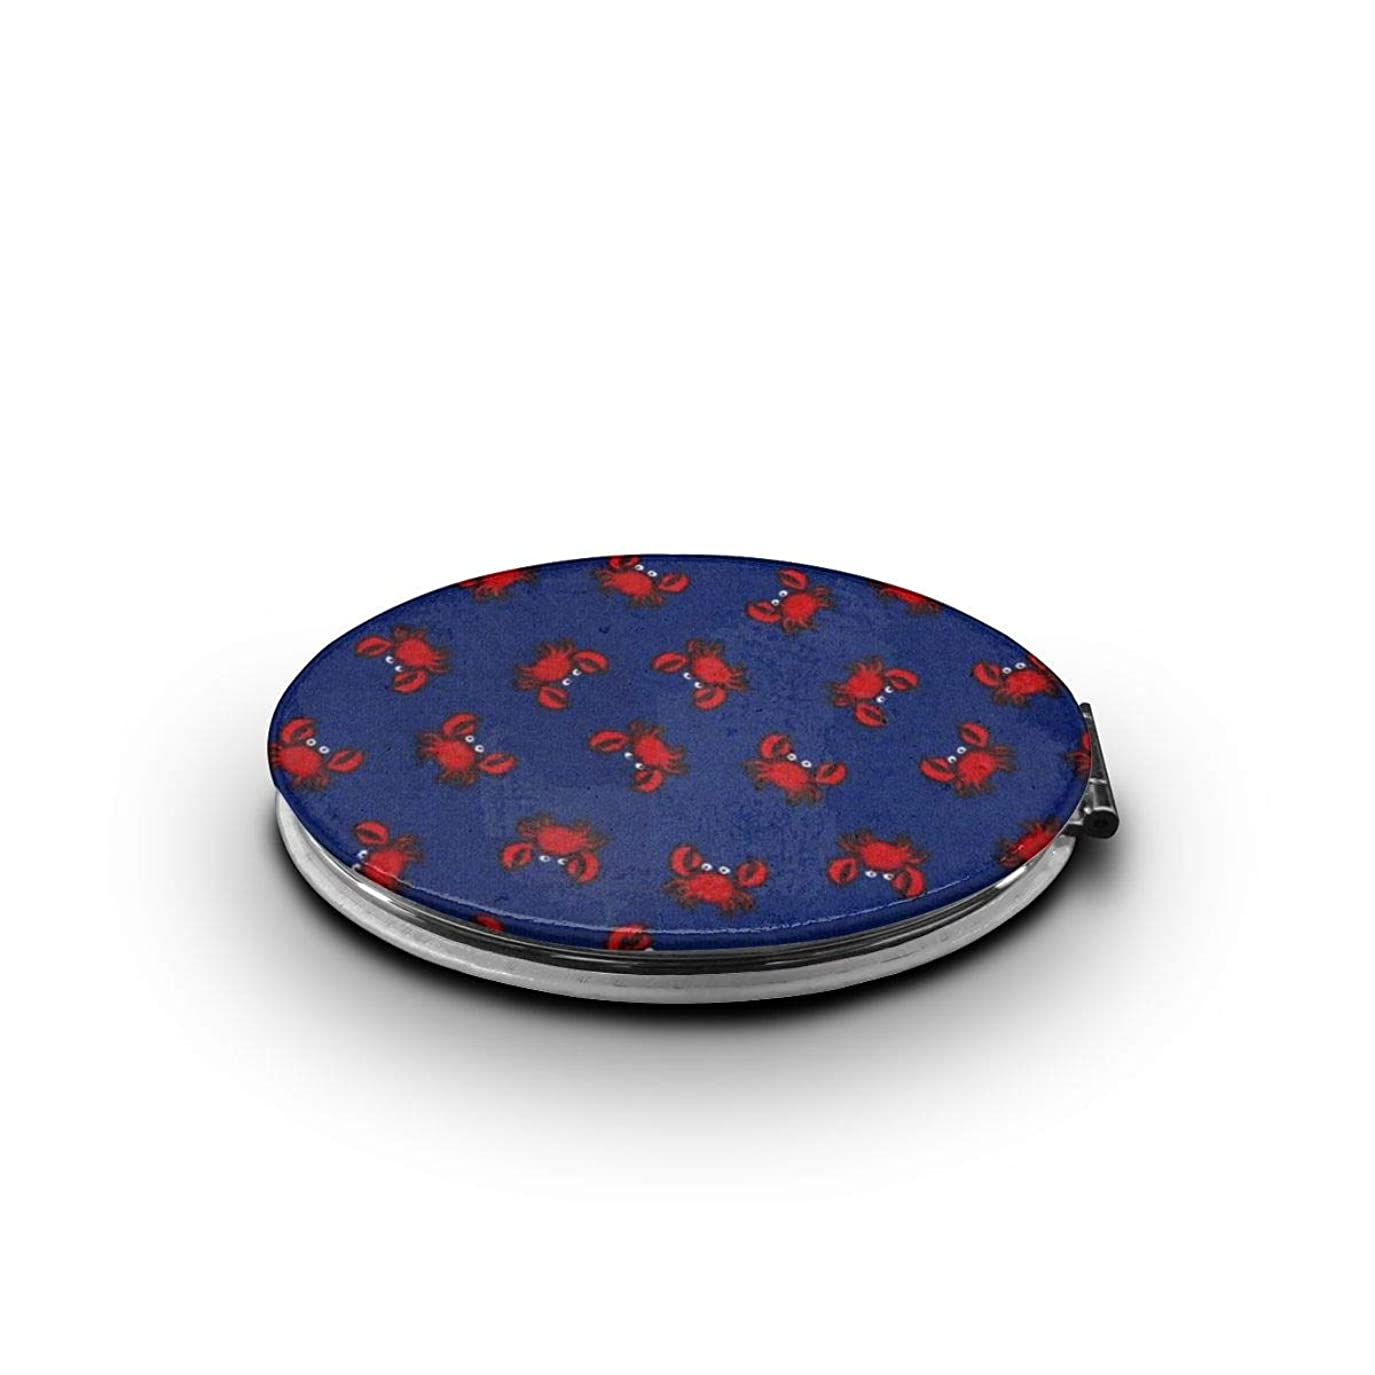 クランプ無しインスタンス化粧鏡 赤いカニ 折りたたみ 自由 角度調整 180° 回転 女優ミラー 携帯用ミラー コンパクトコンパクト ミラー